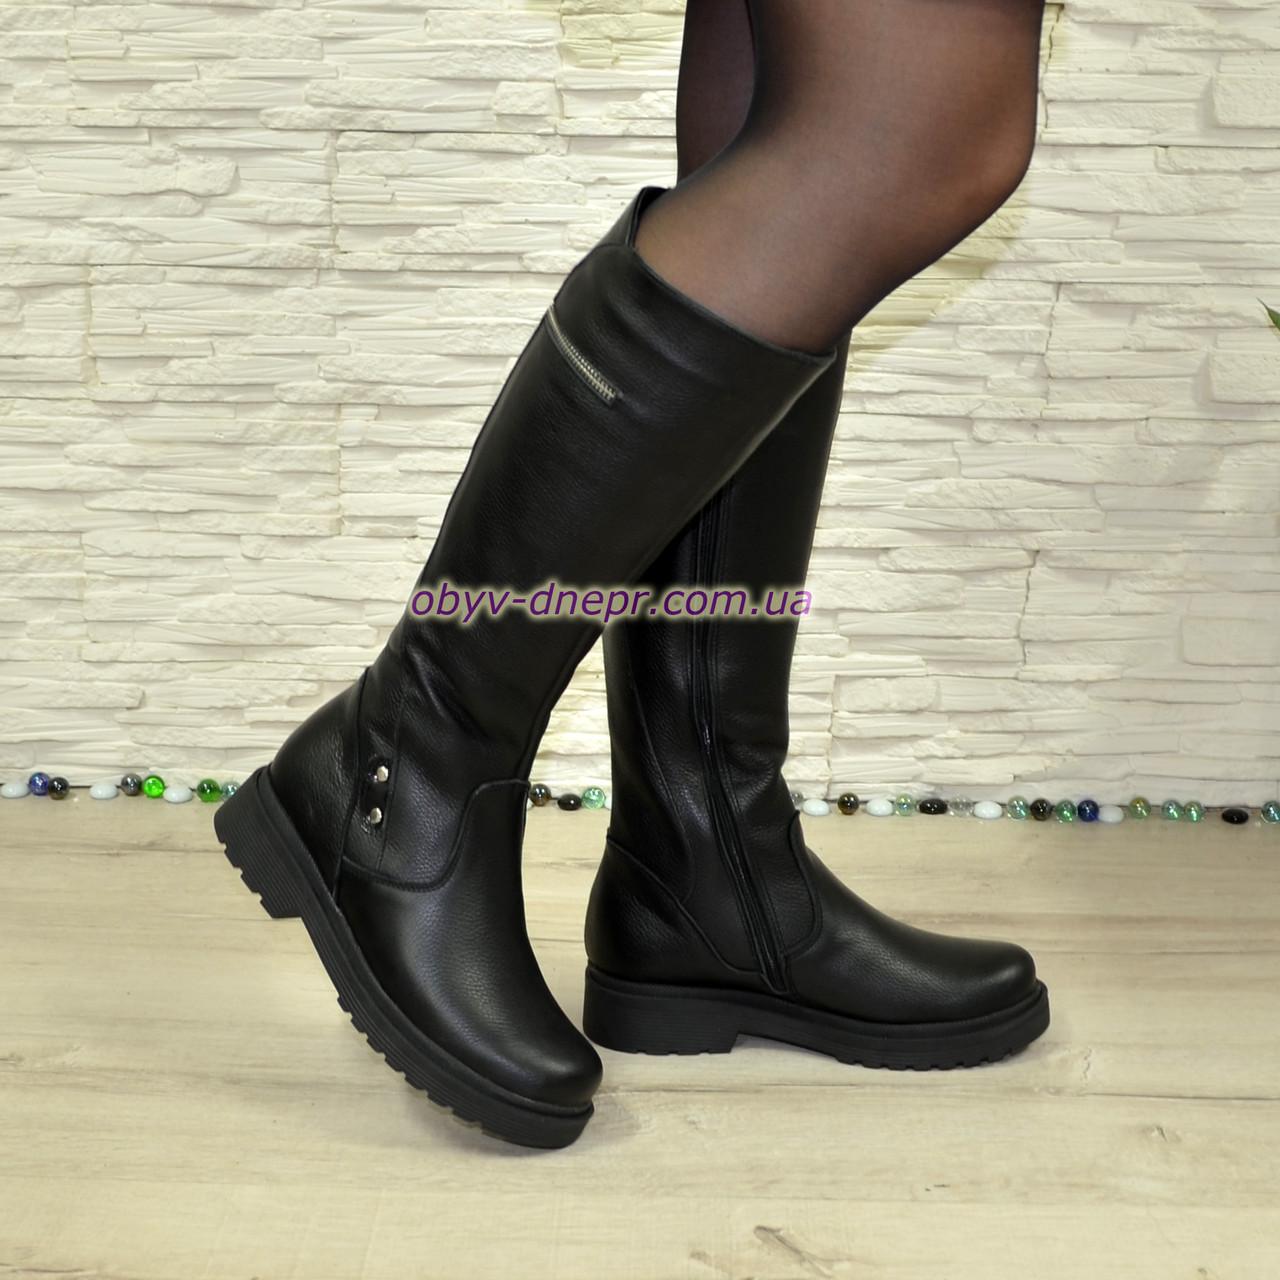 3c76bfc6ed6c Сапоги зимние женские на маленьком каблуке, натуральная кожа флотар ...